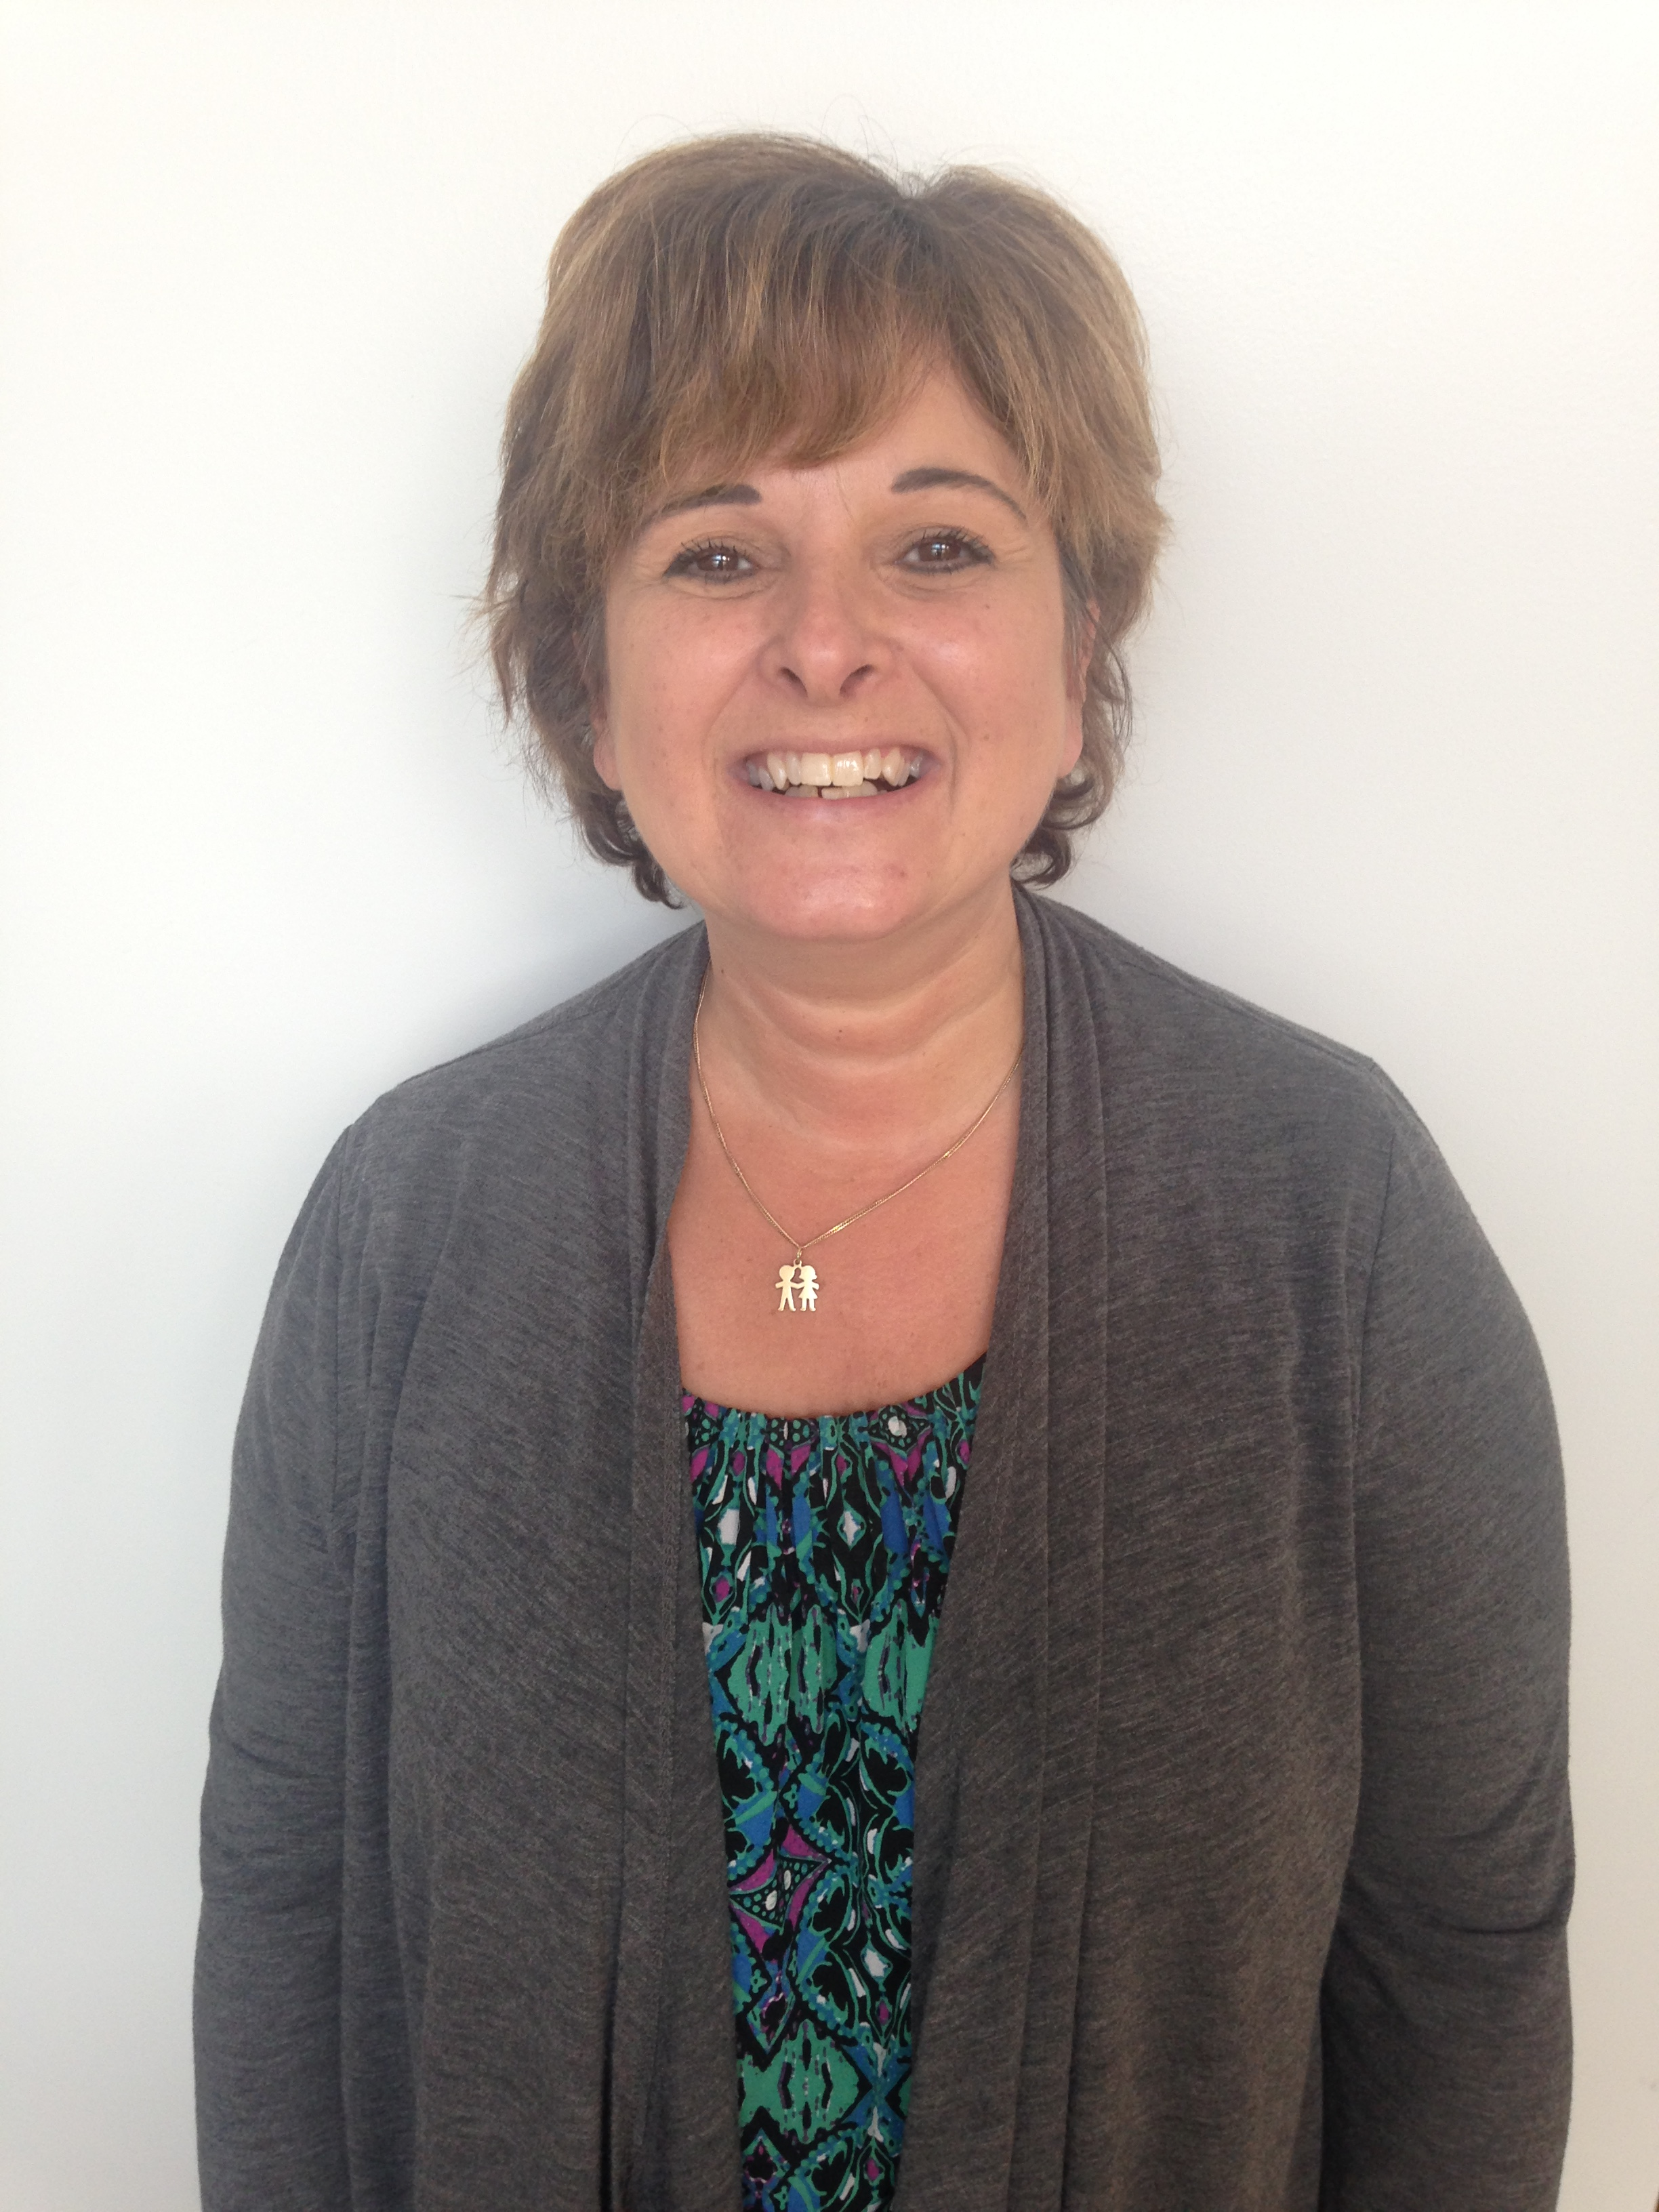 Tina Katz - Catering Manager